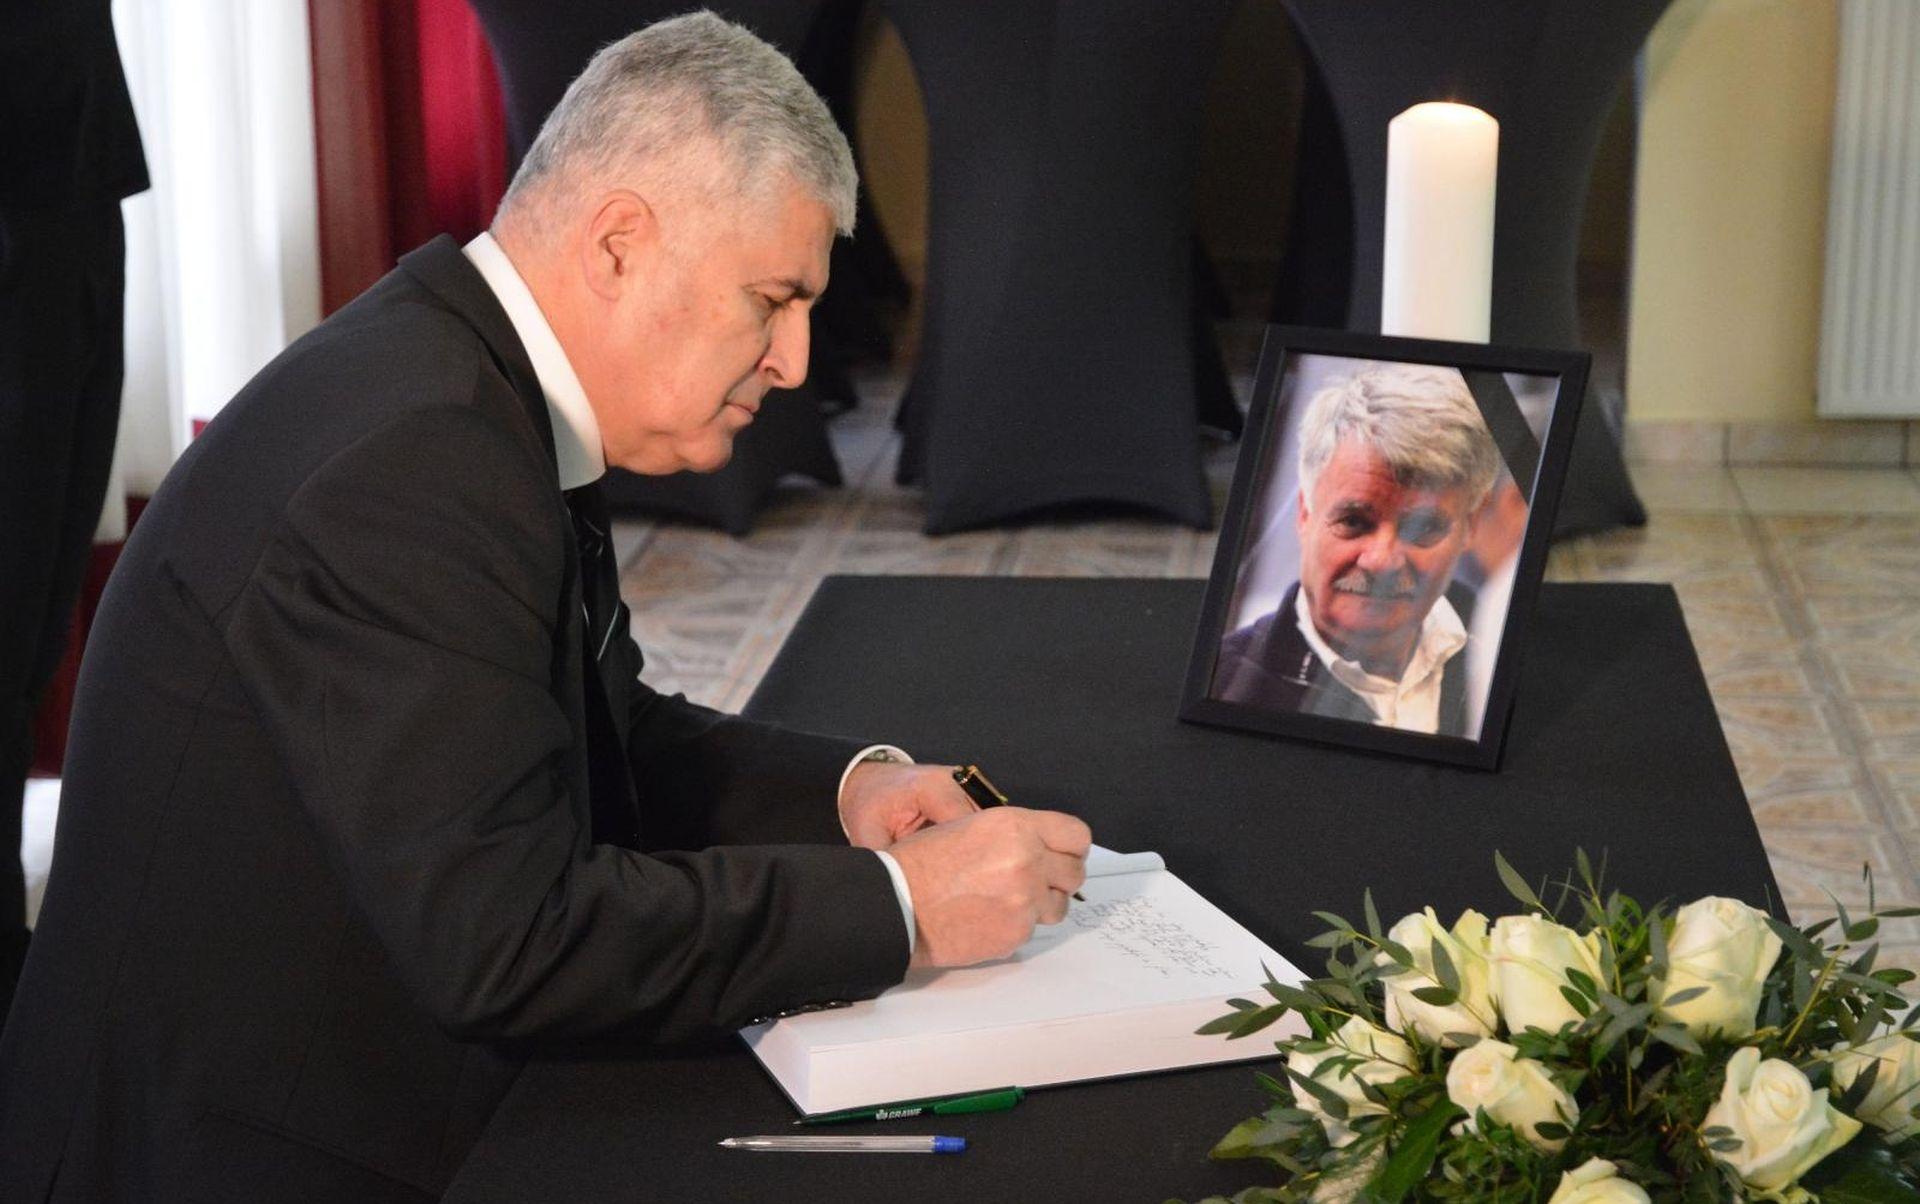 Komemoracija u Orašju za glumca Ivu Gregurevića